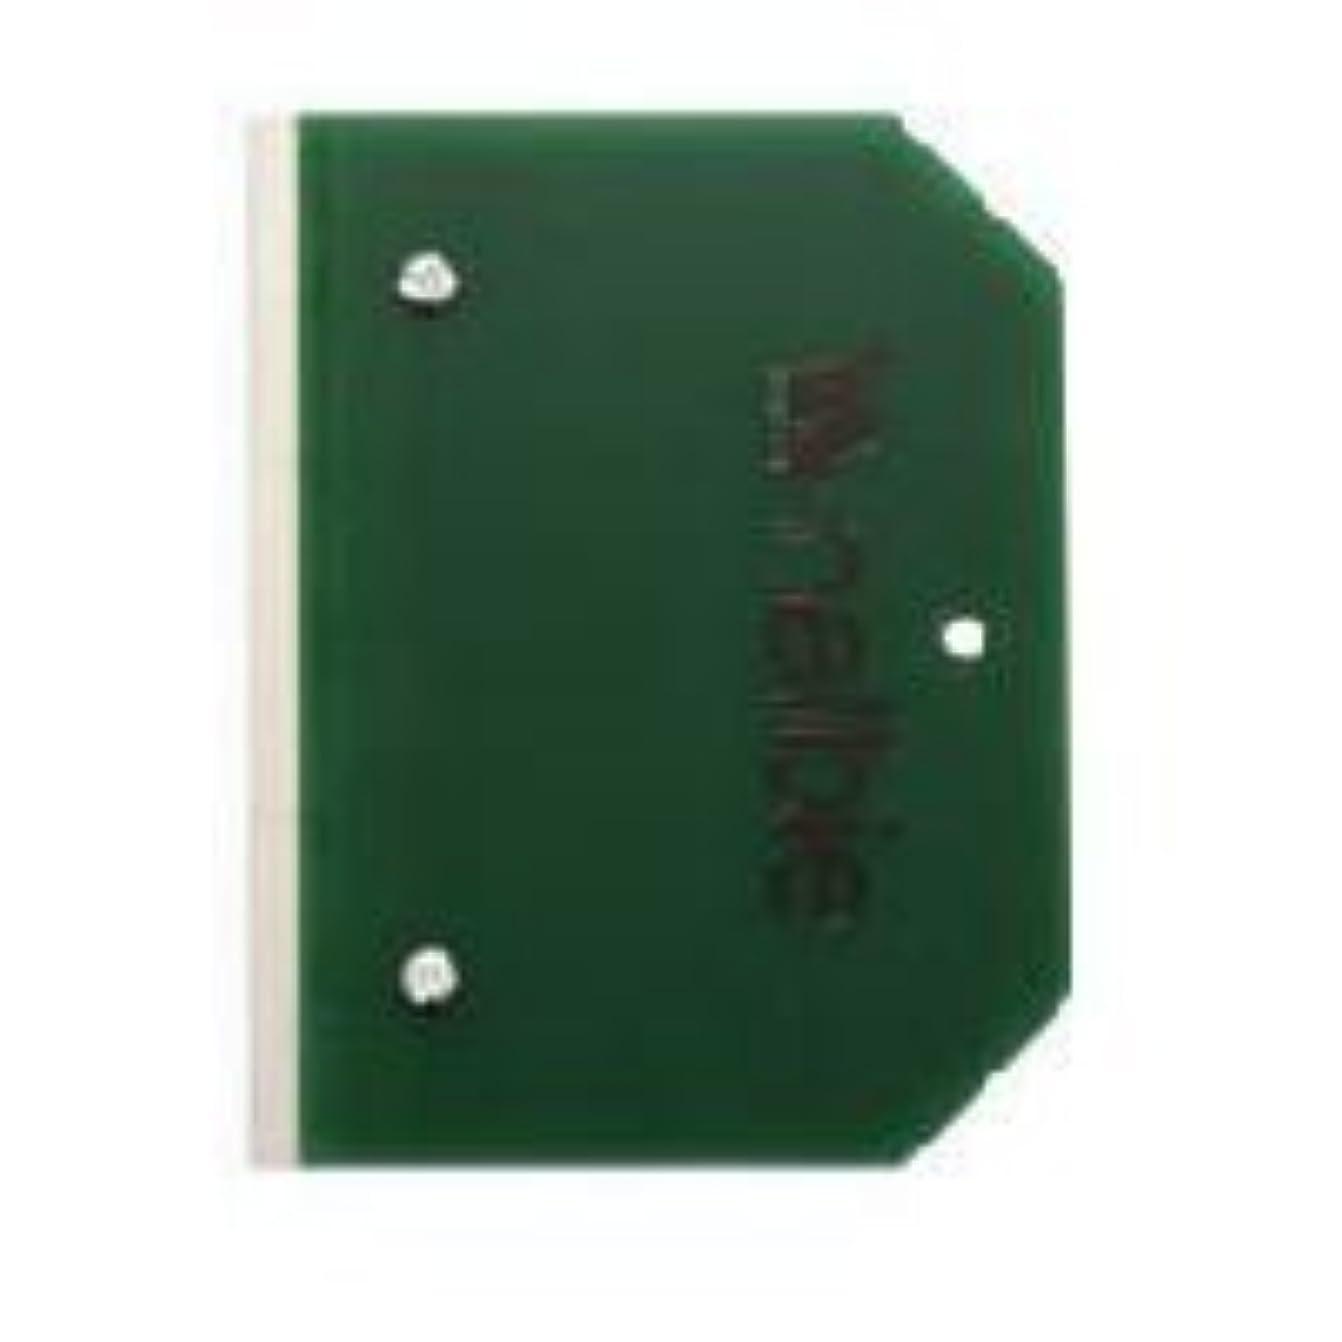 自治的合成必要性nalbie[ナルビー] カミソリホルダー 3枚刃/セーフティキャップ付 NRB03SC